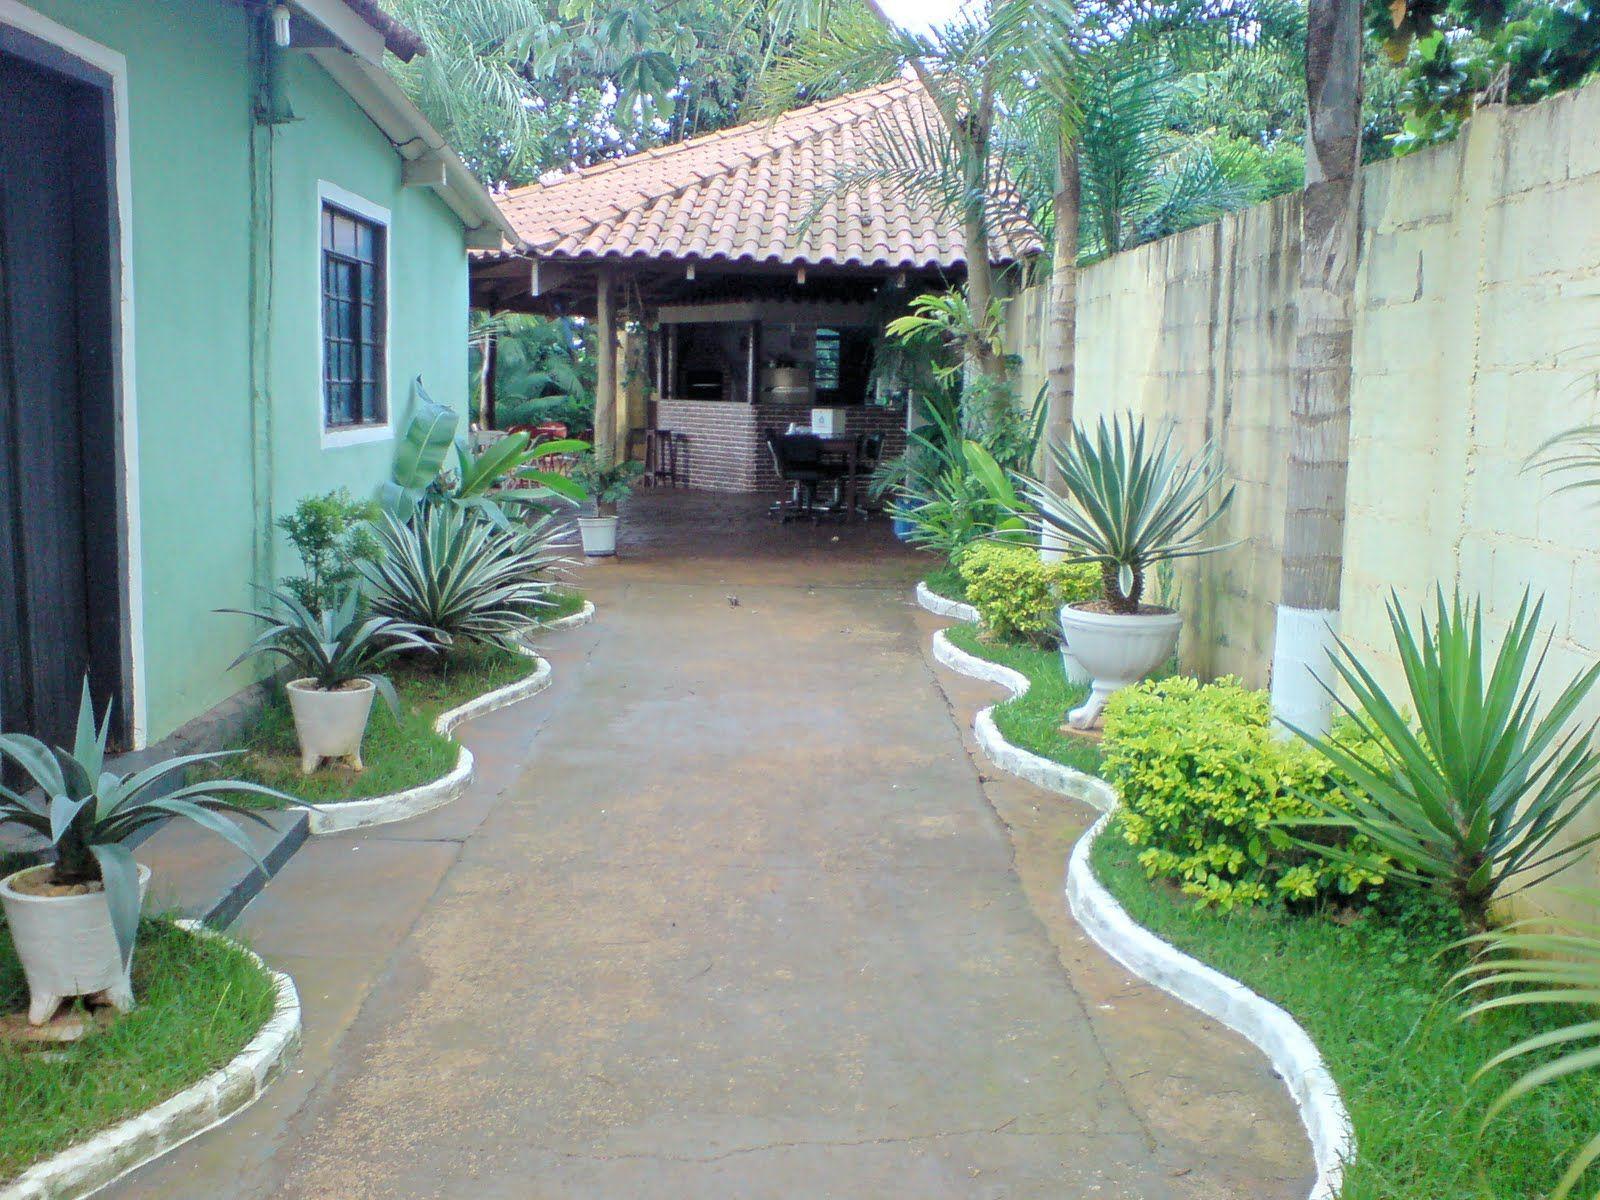 Fotos de grameira j a dillmann servi os de jardinagem e for Paisagismo e jardinagem